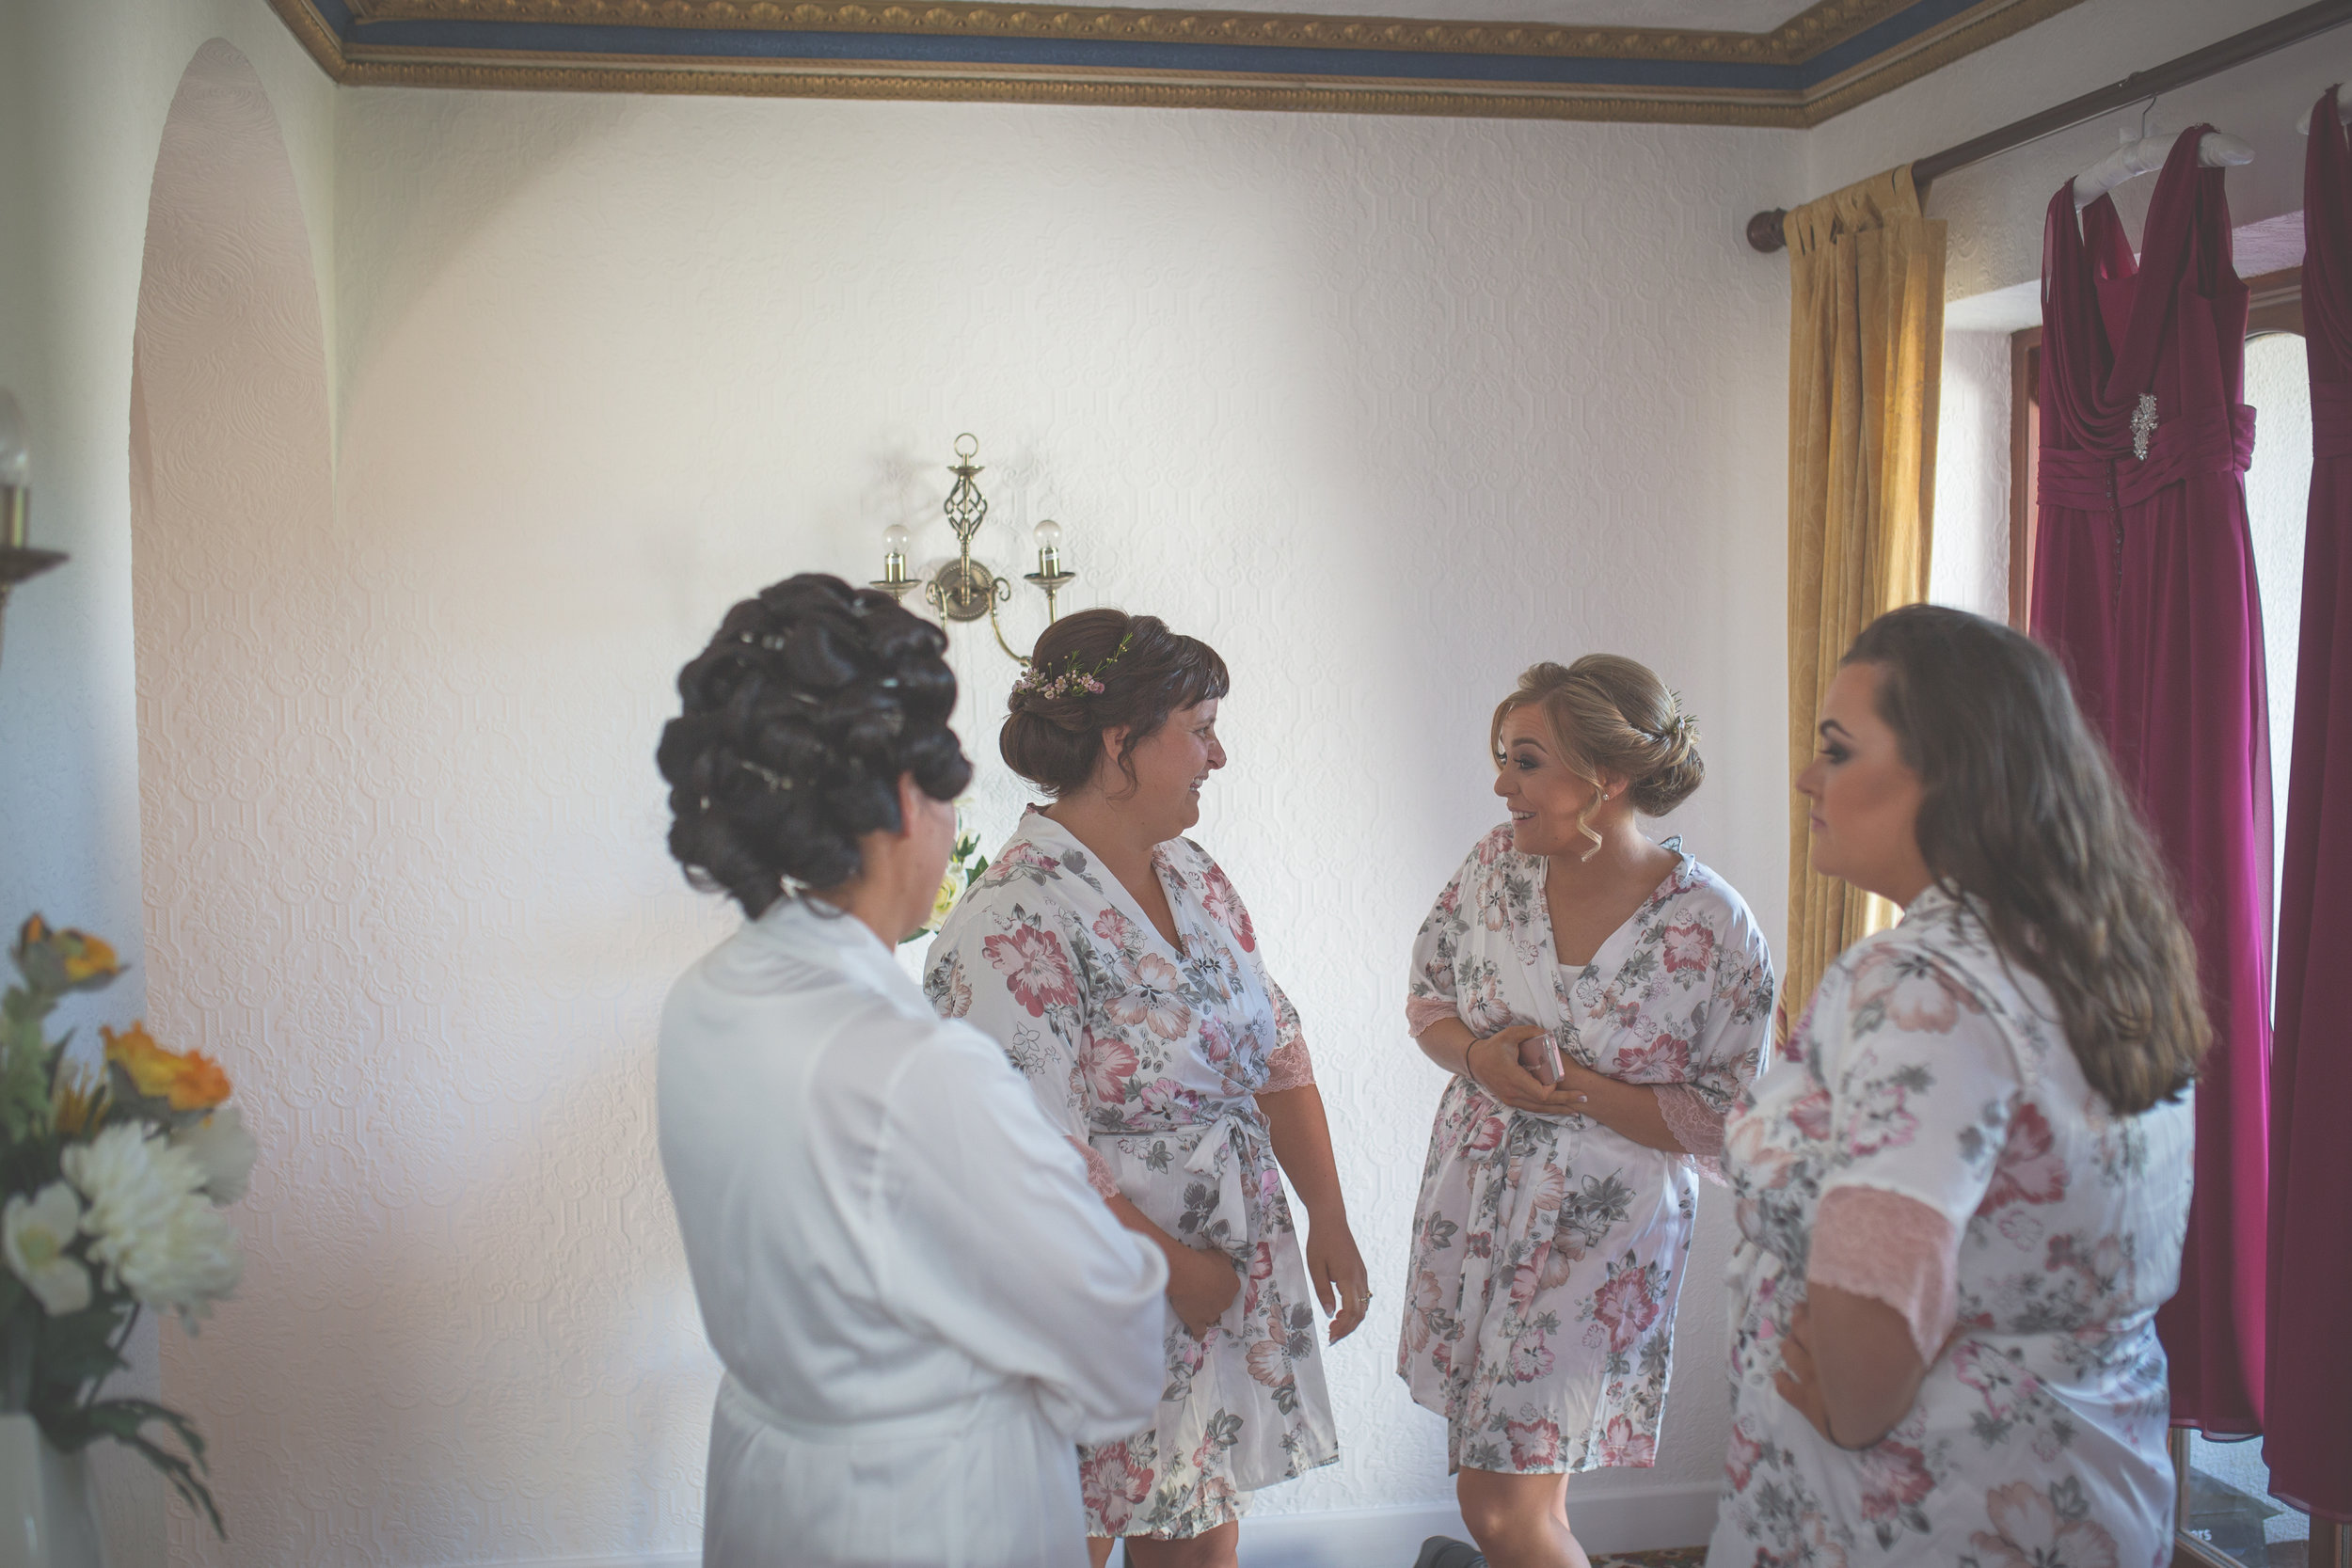 Brian McEwan Wedding Photography | Carol-Anne & Sean | Bridal Preparations-1.jpg